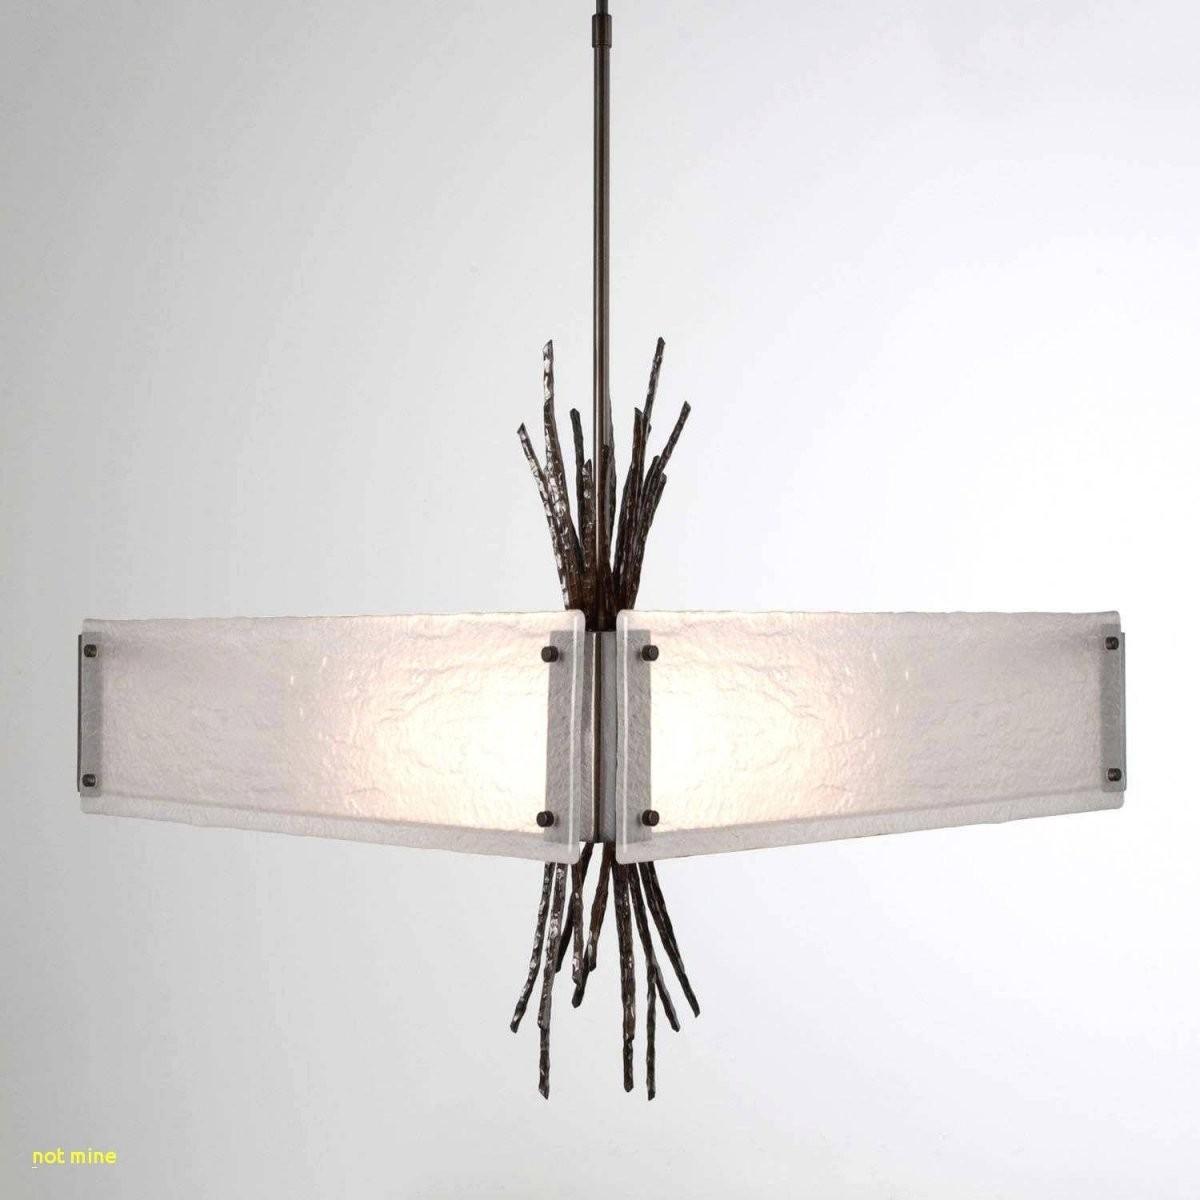 16 Led Grow Lampe Selber Bauen Elegant  Lqaff von Led Grow Lampen Selber Bauen Bild